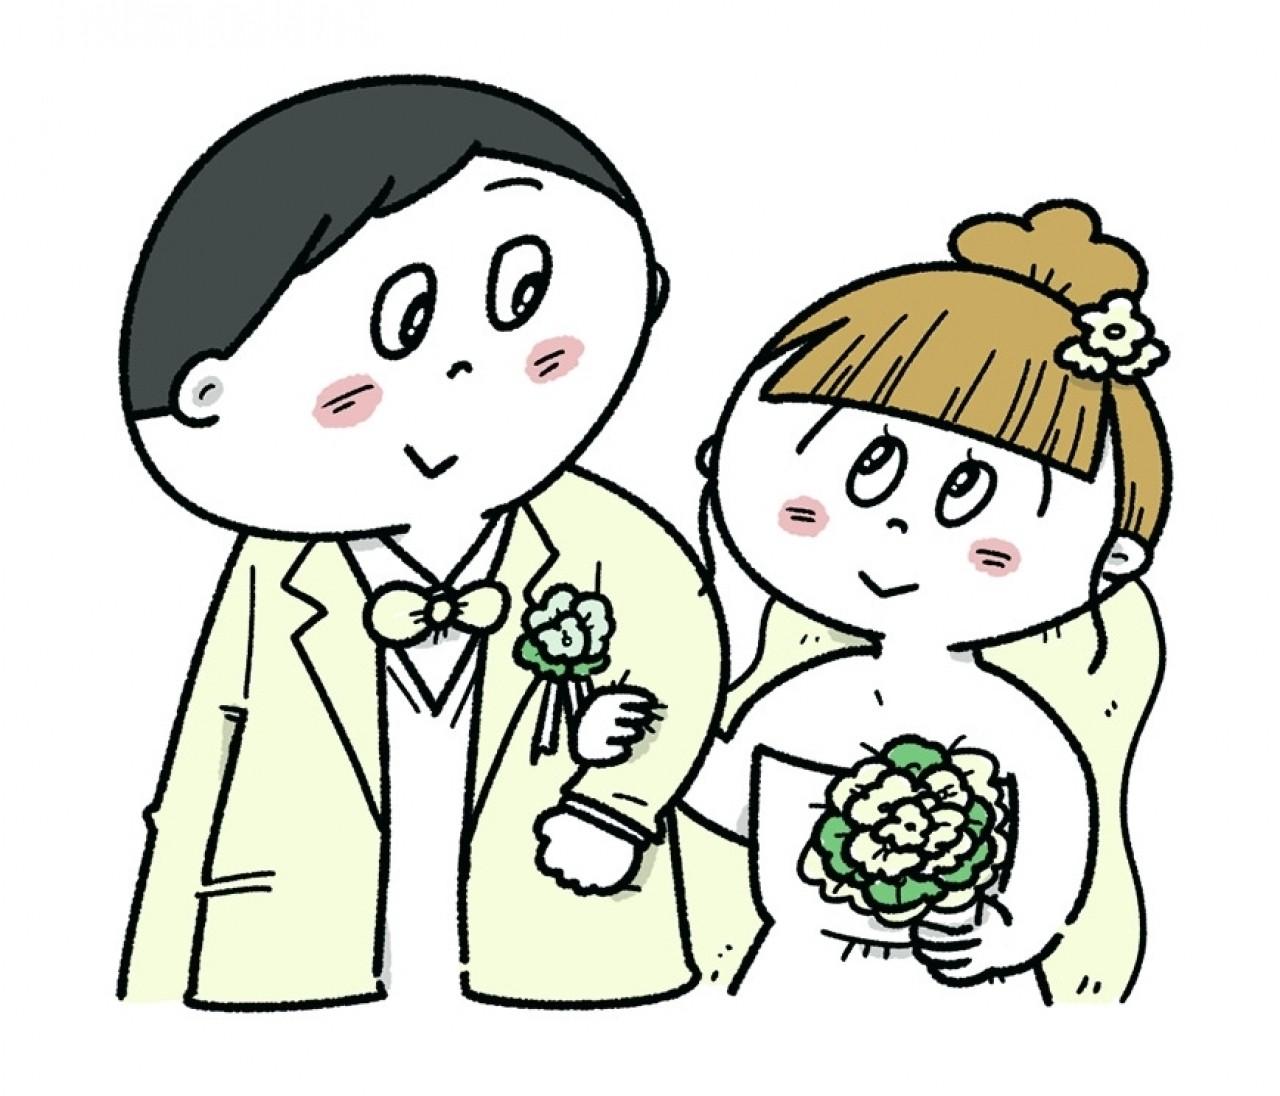 「オンライン婚活」がコロナの影響で急増!30代の実情リサーチ☆